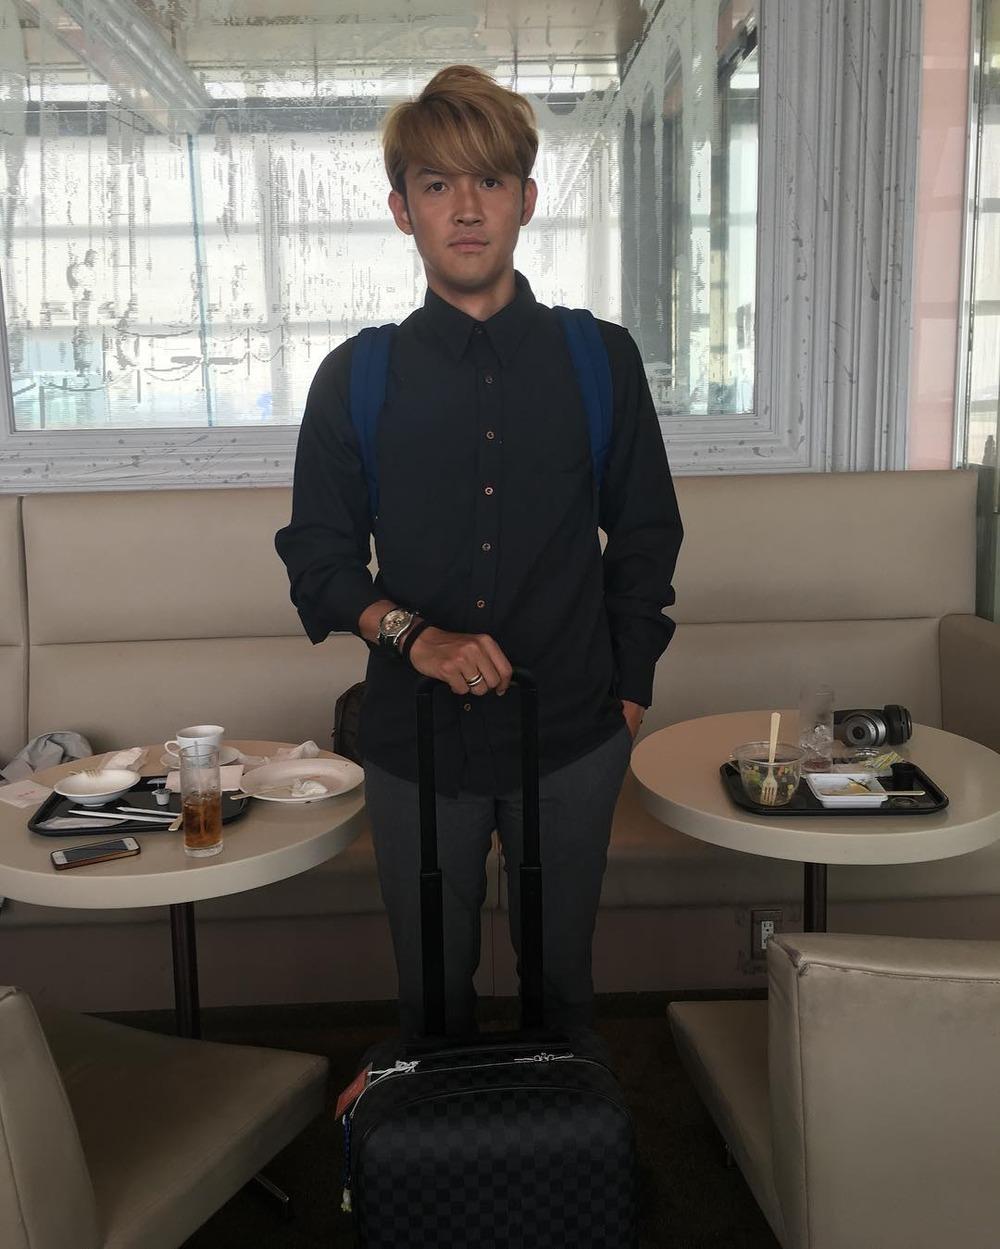 ◆悲報◆宇佐美貴史、グルテンフリー始めて空港レストランで頼めるものなし!空腹のまま機上の人に